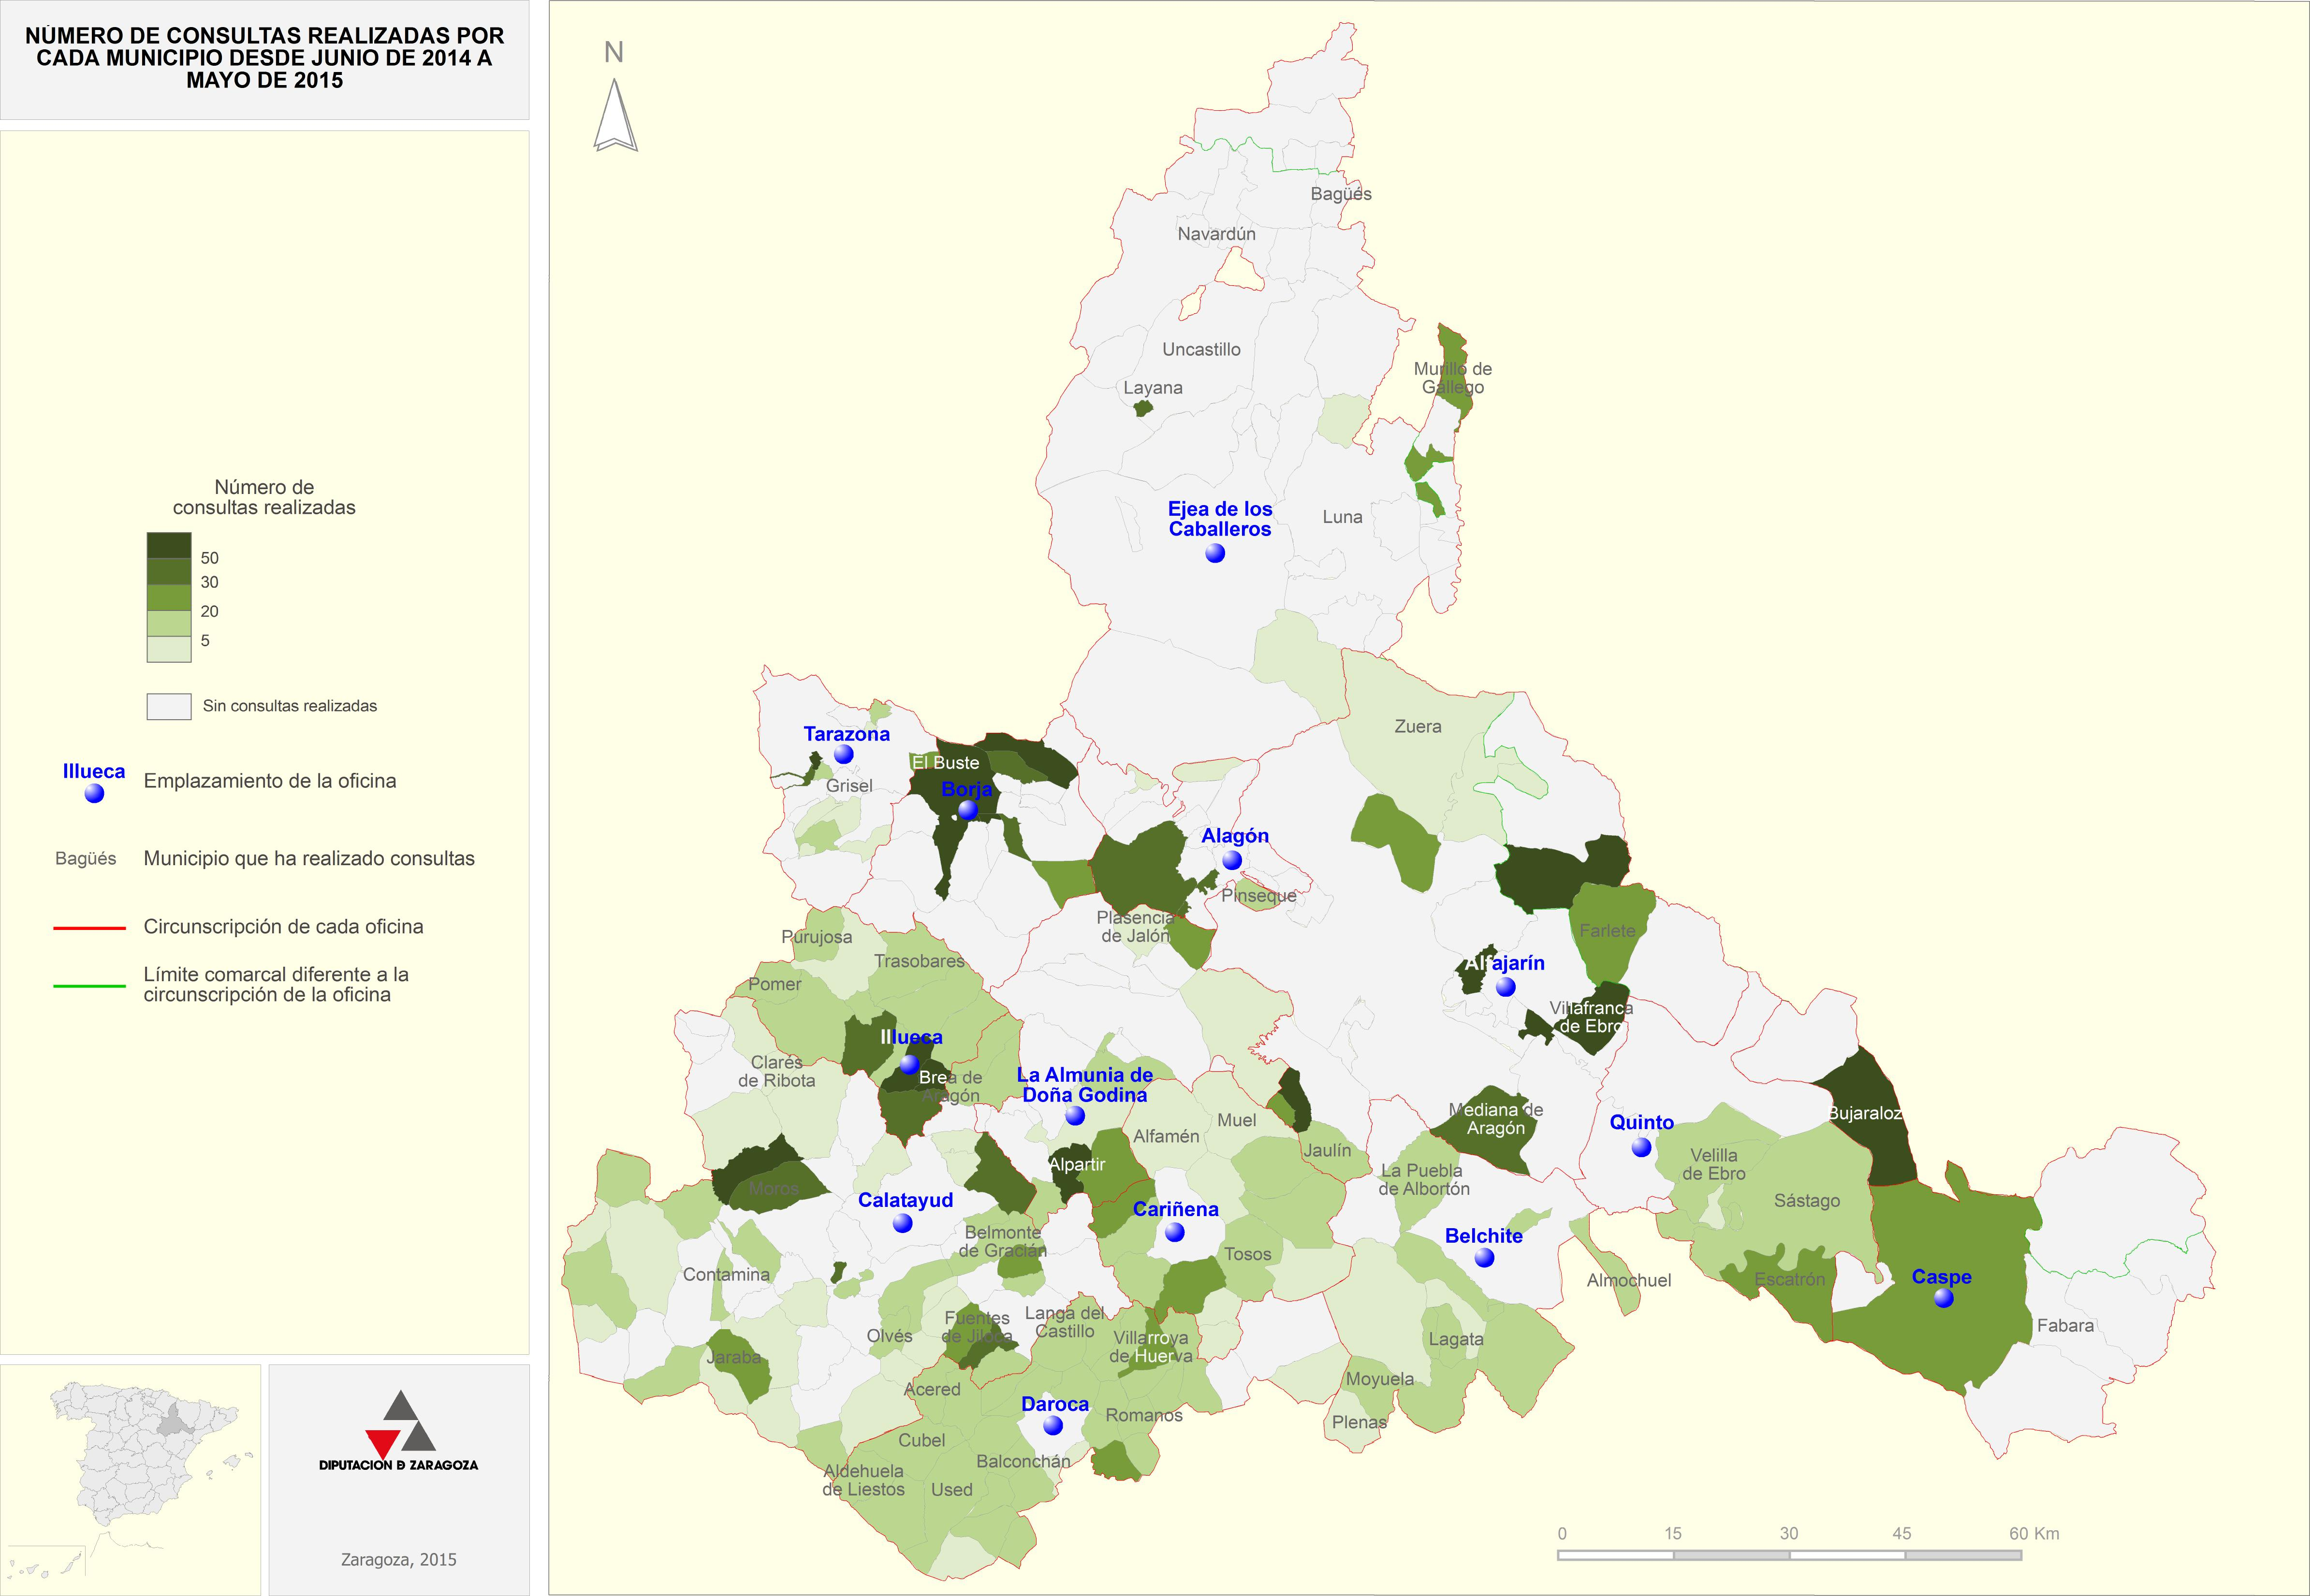 Mapa consultas totales por municipio 14-15